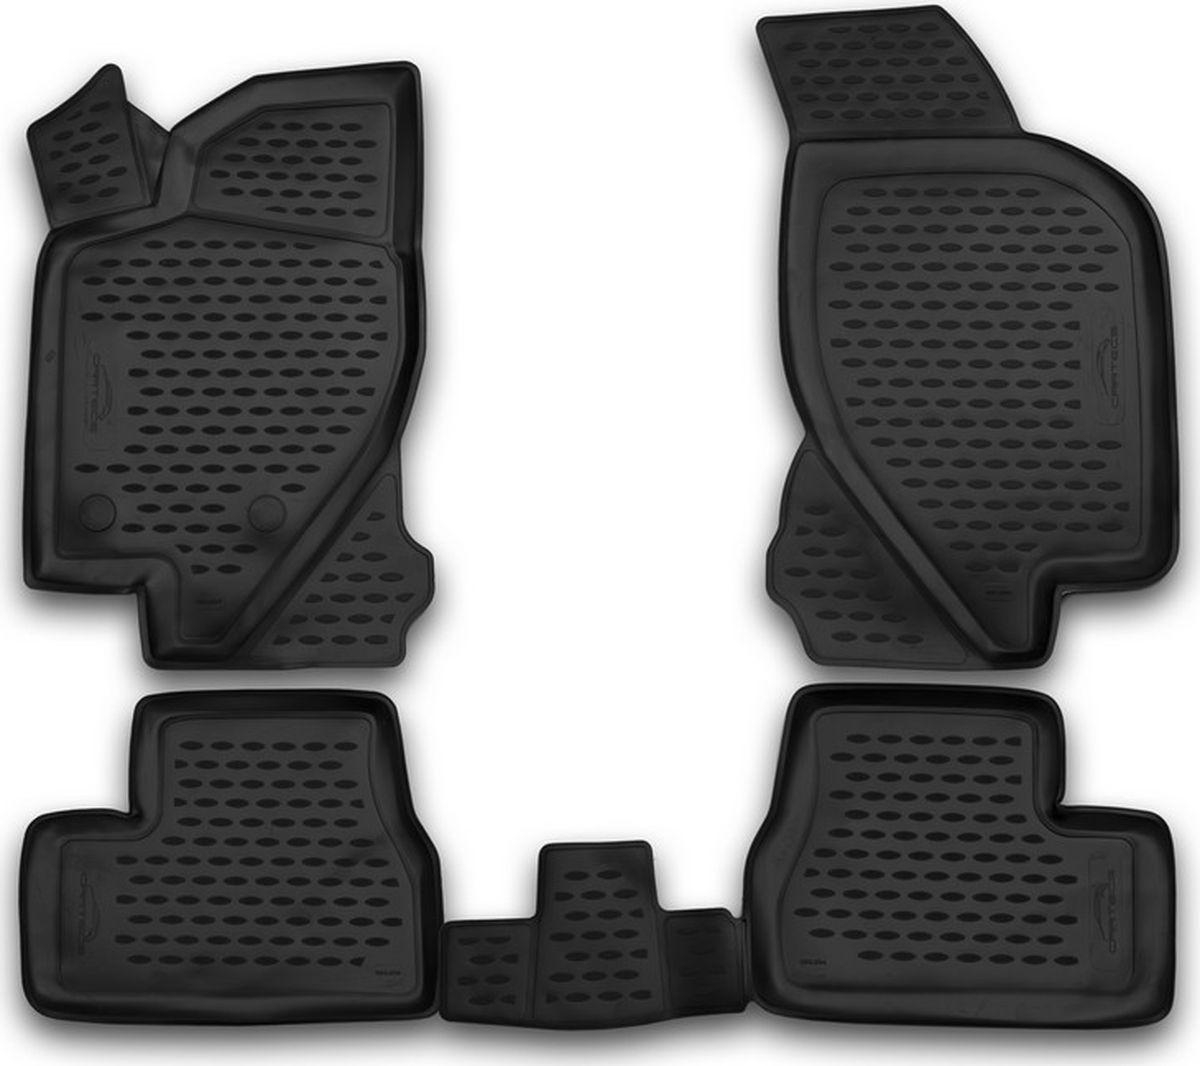 Коврики в салон автомобиля Novline-Autofamily 3D, для Datsun on-do, 01/2014->, 4 штNLC.3D.94.04.210kКачественный продукт, новый полимерный материал, антискользящий рельеф, идеальная форма, гигиенические сертификаты. Надежные коврики для вашего автомобиля.